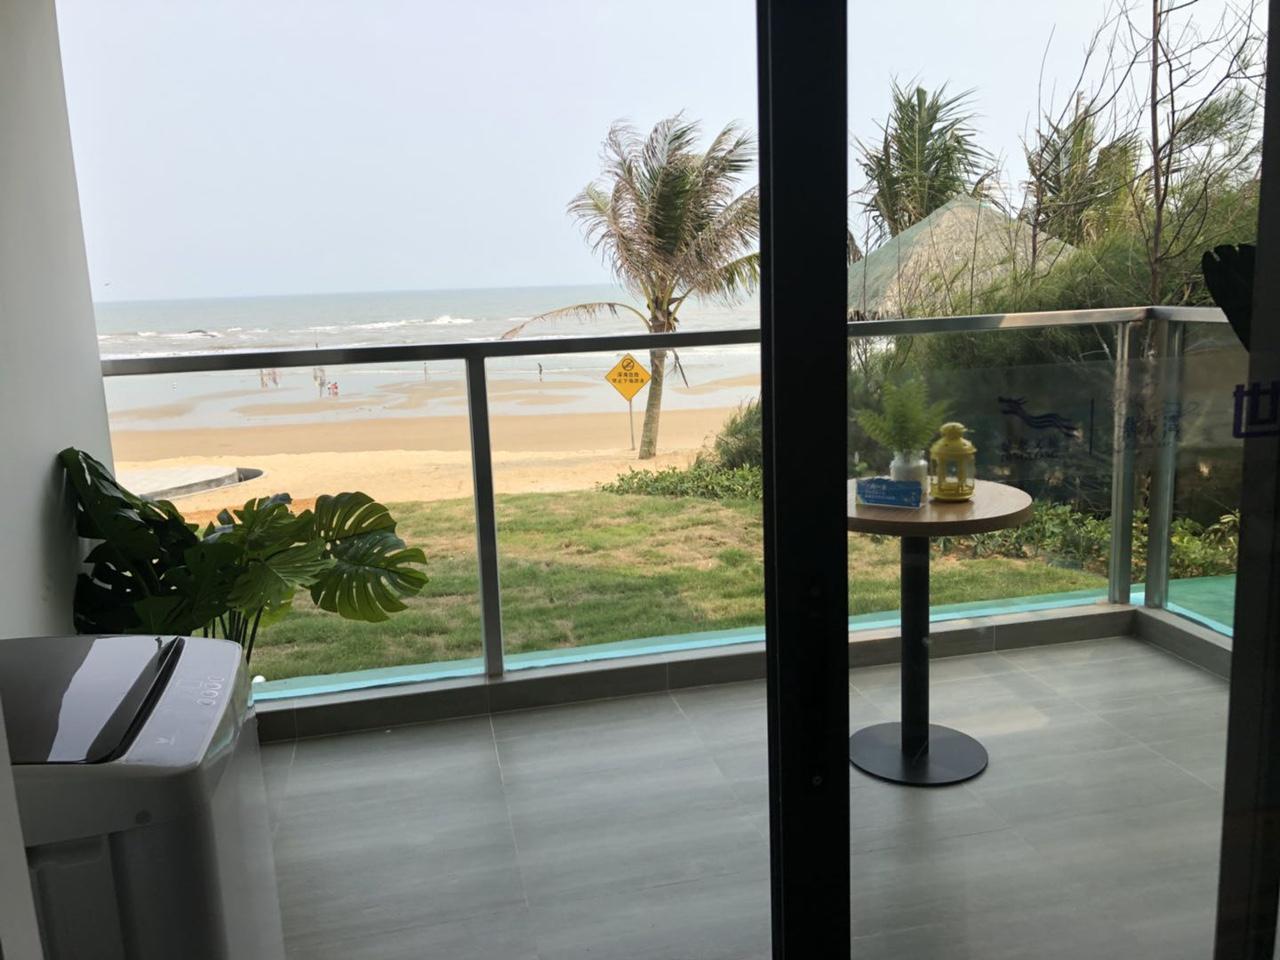 鼎龙湾一线海景房,带装修家私家电,可做按揭,可托管